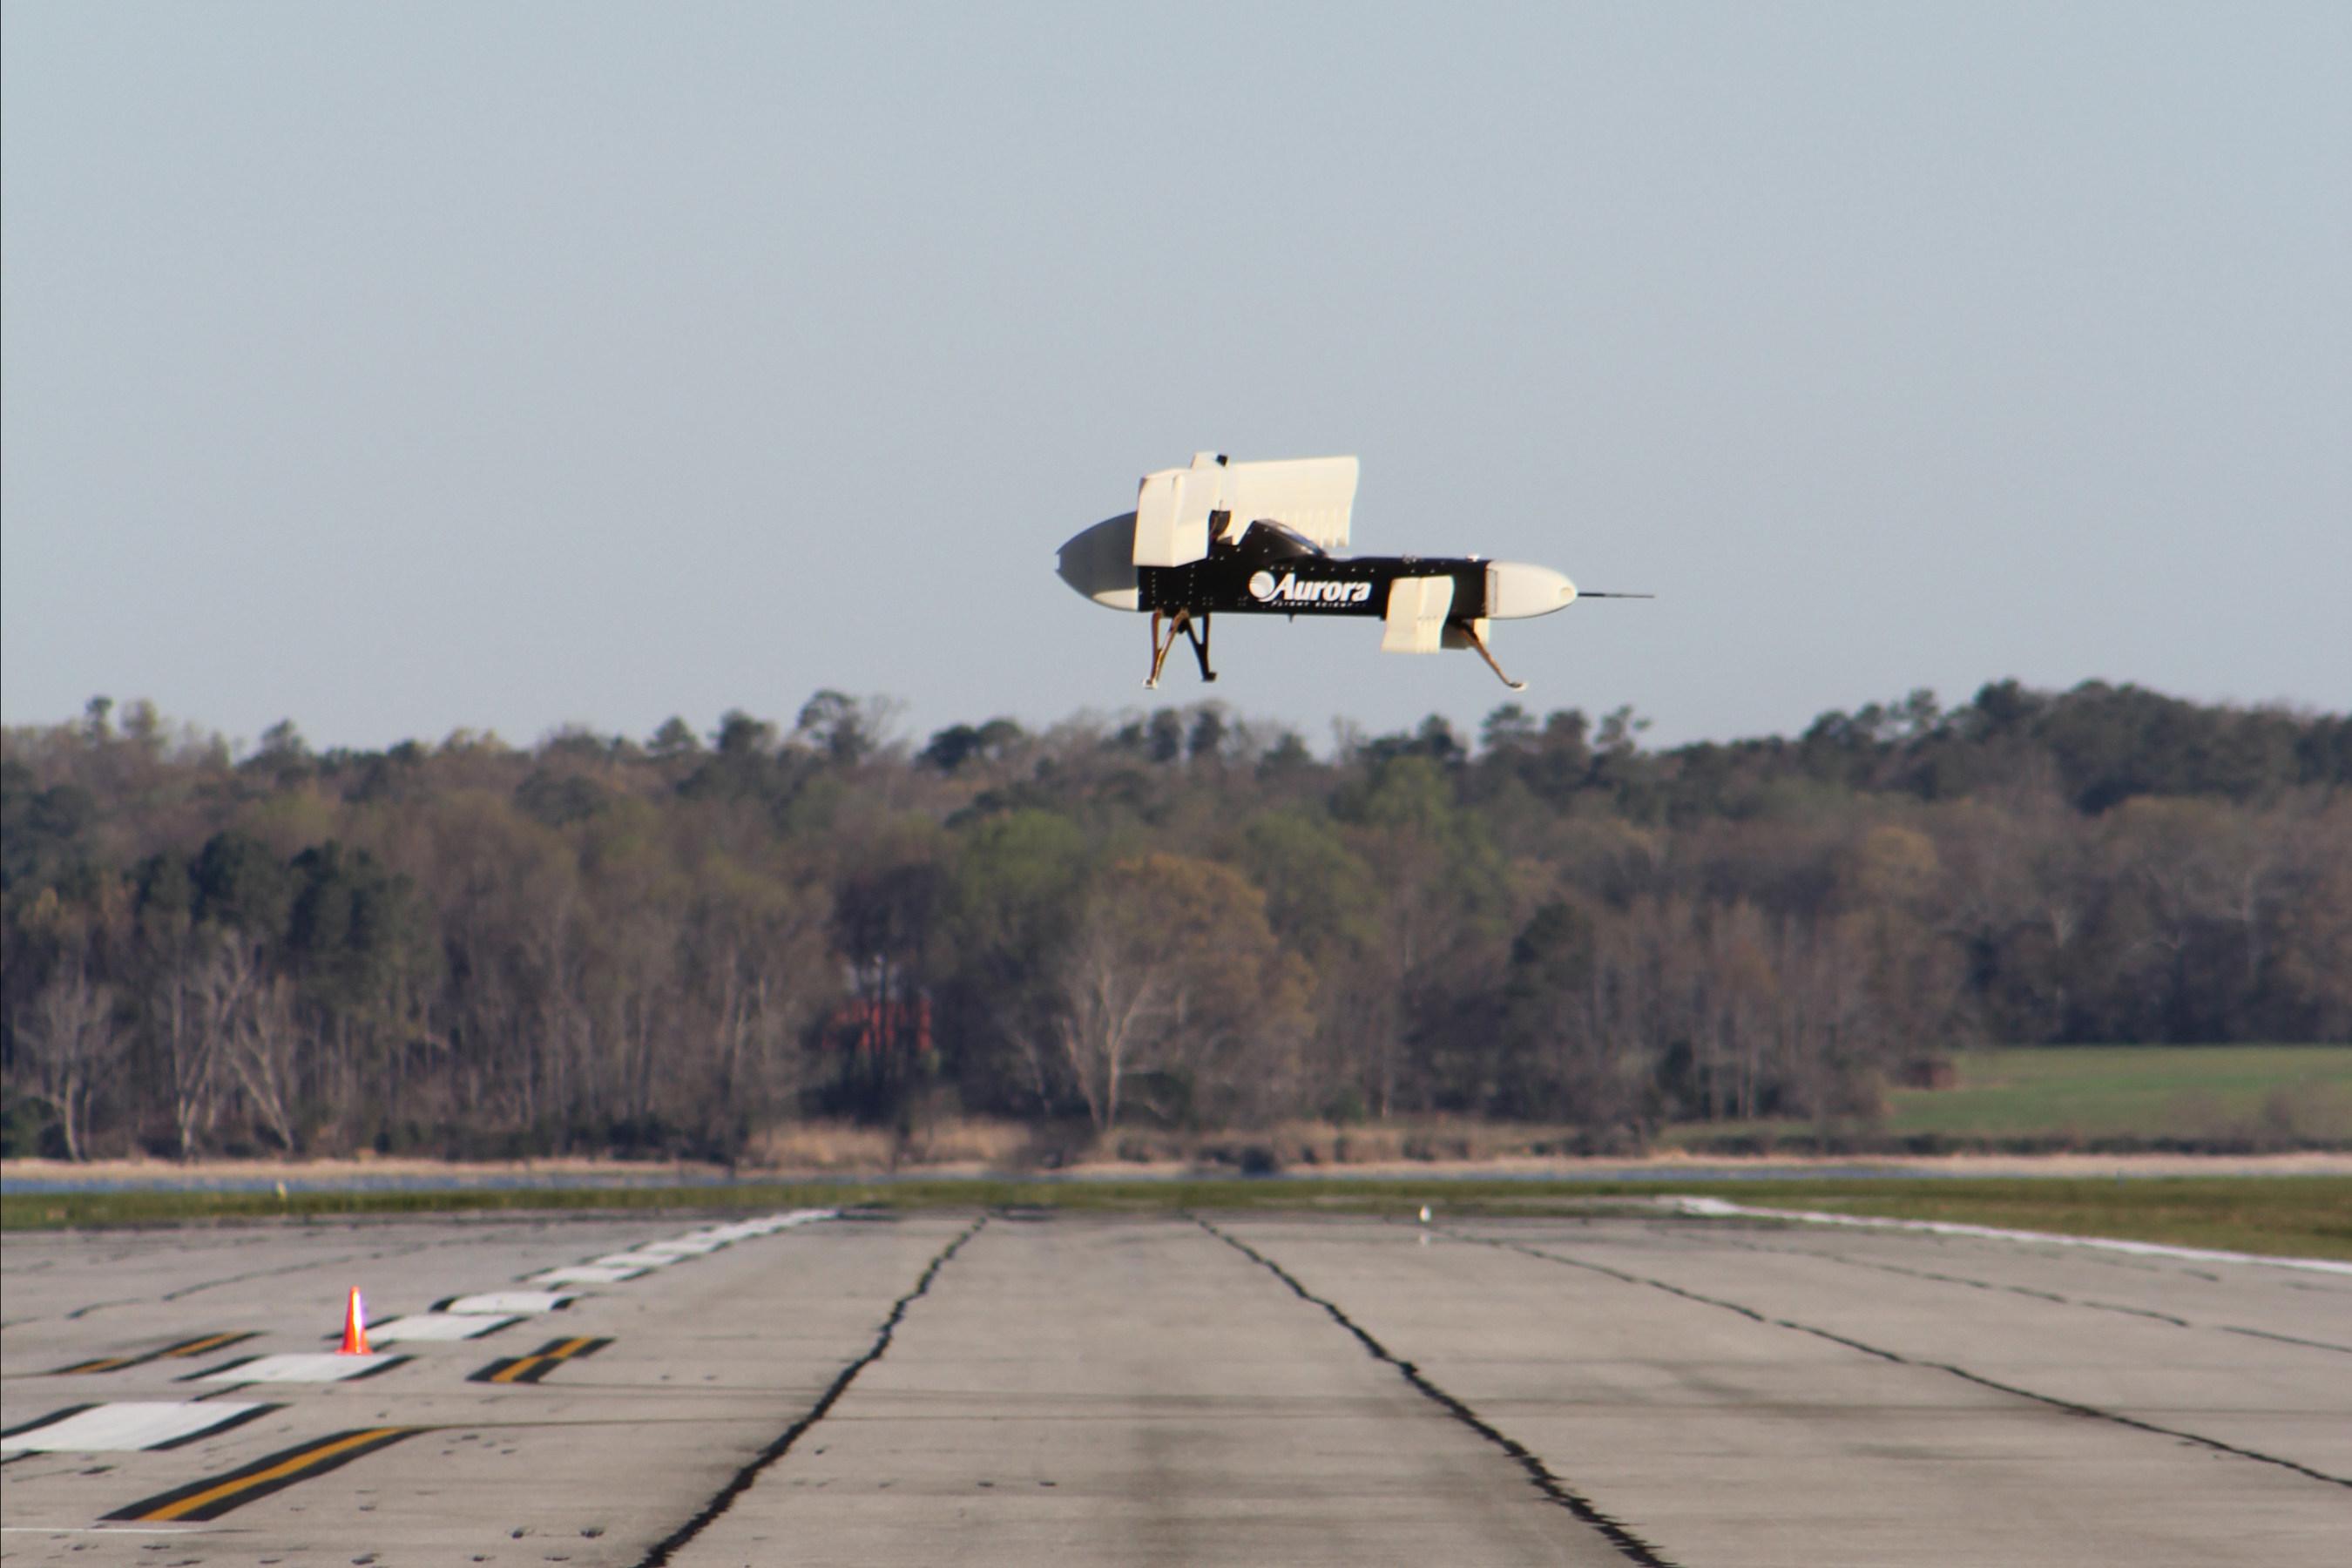 LightningStrike VTOL X-Plane subscale vehicle demonstrator takes to the sky